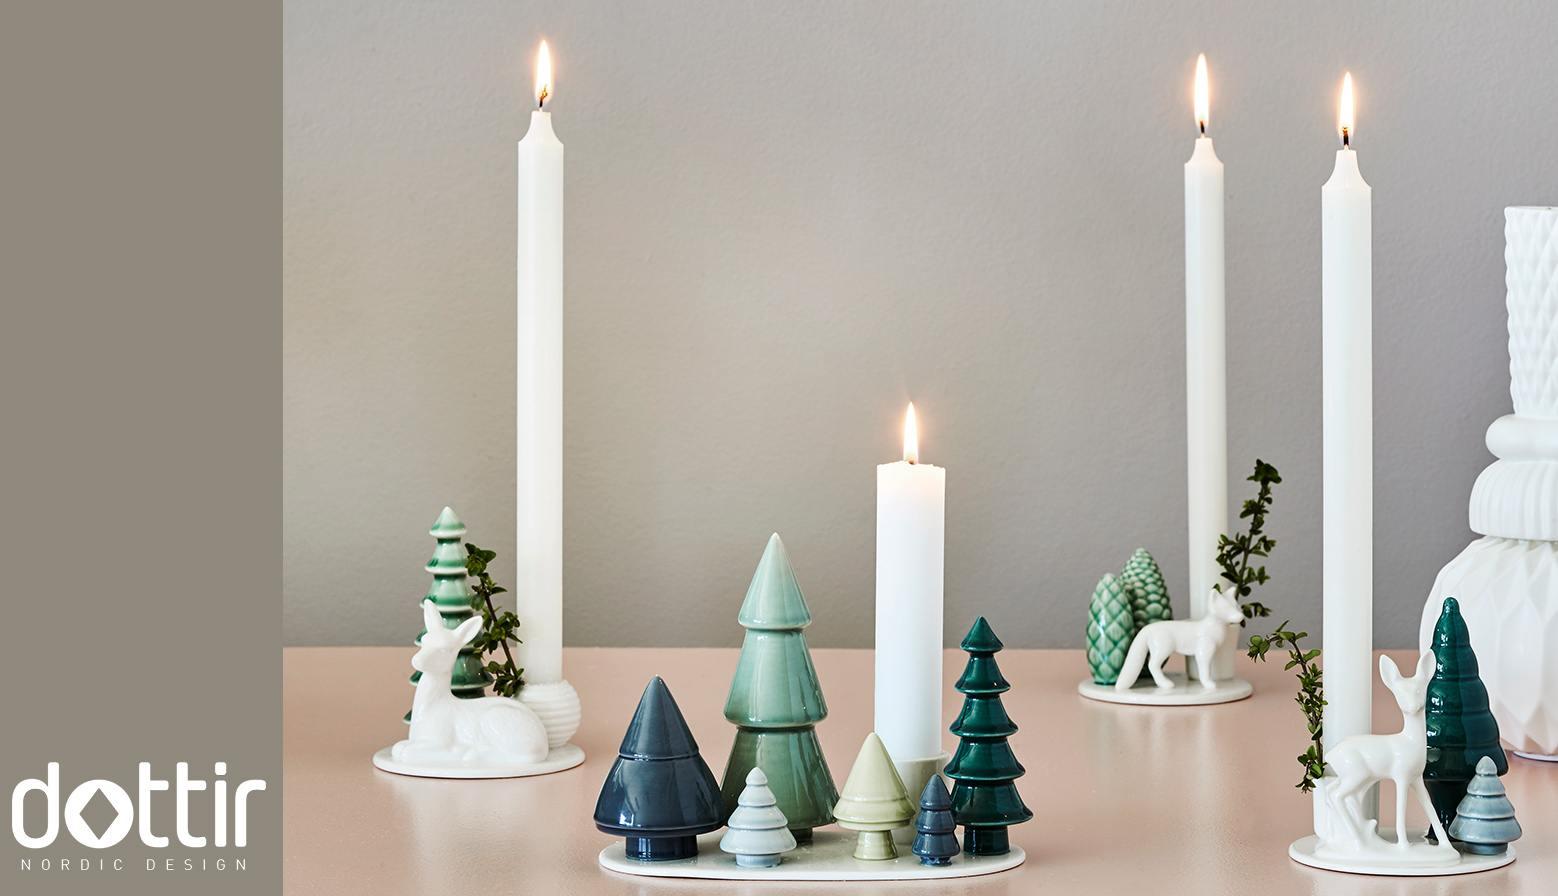 dottir nordic design winterstories wunderschoen-gemacht